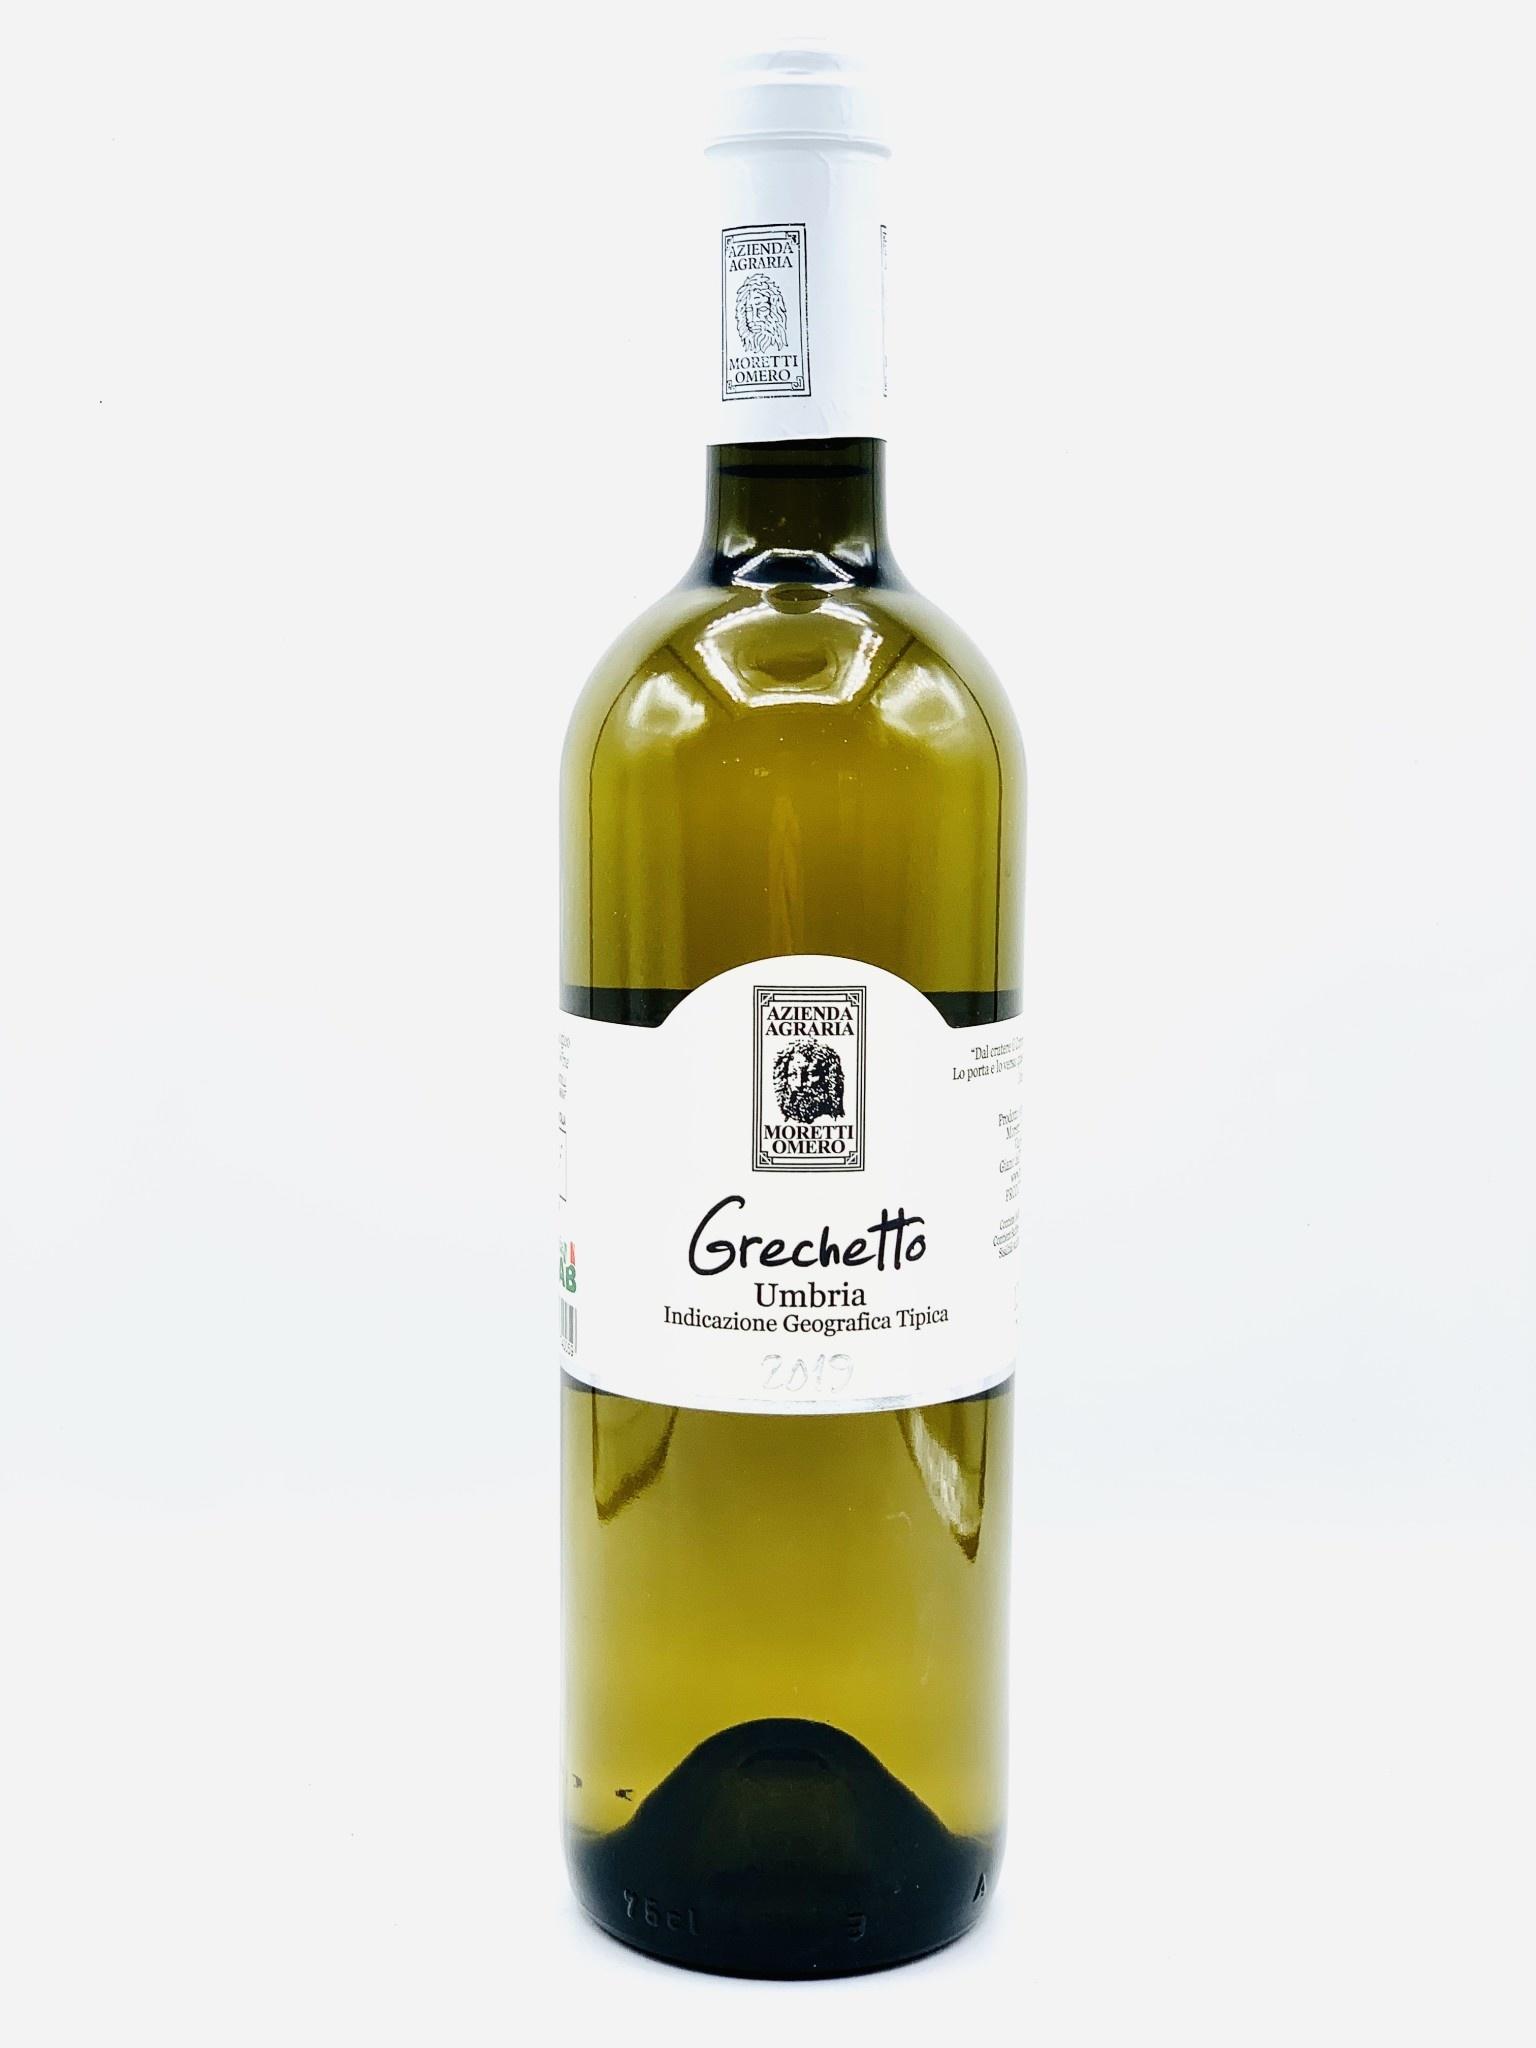 Umbria Grechetto 2019 Moretti Omero  750ml